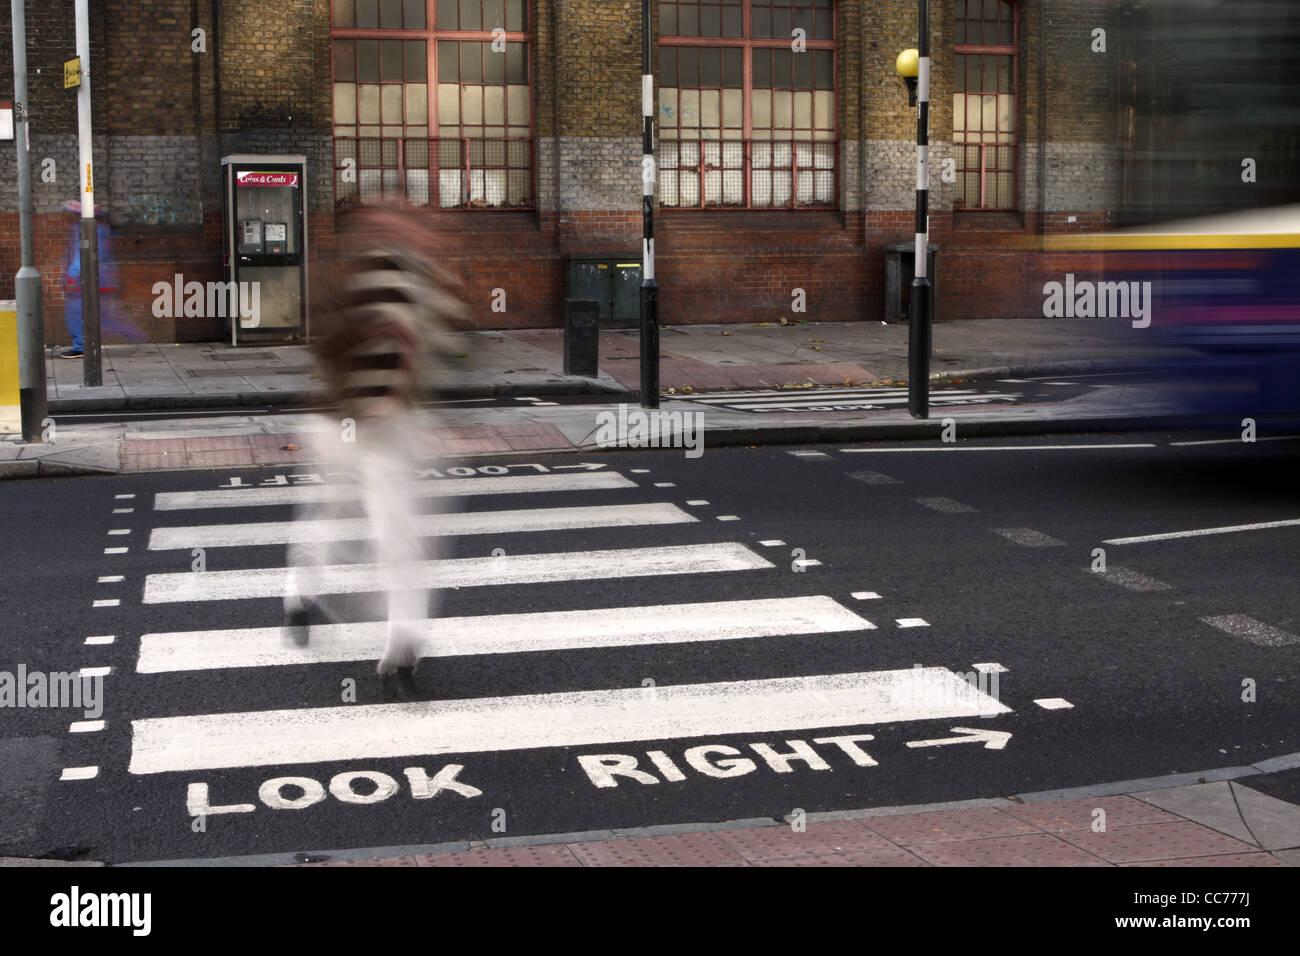 Una figura sfocata passeggiate attraverso una zebra crossing in Londra Foto Stock